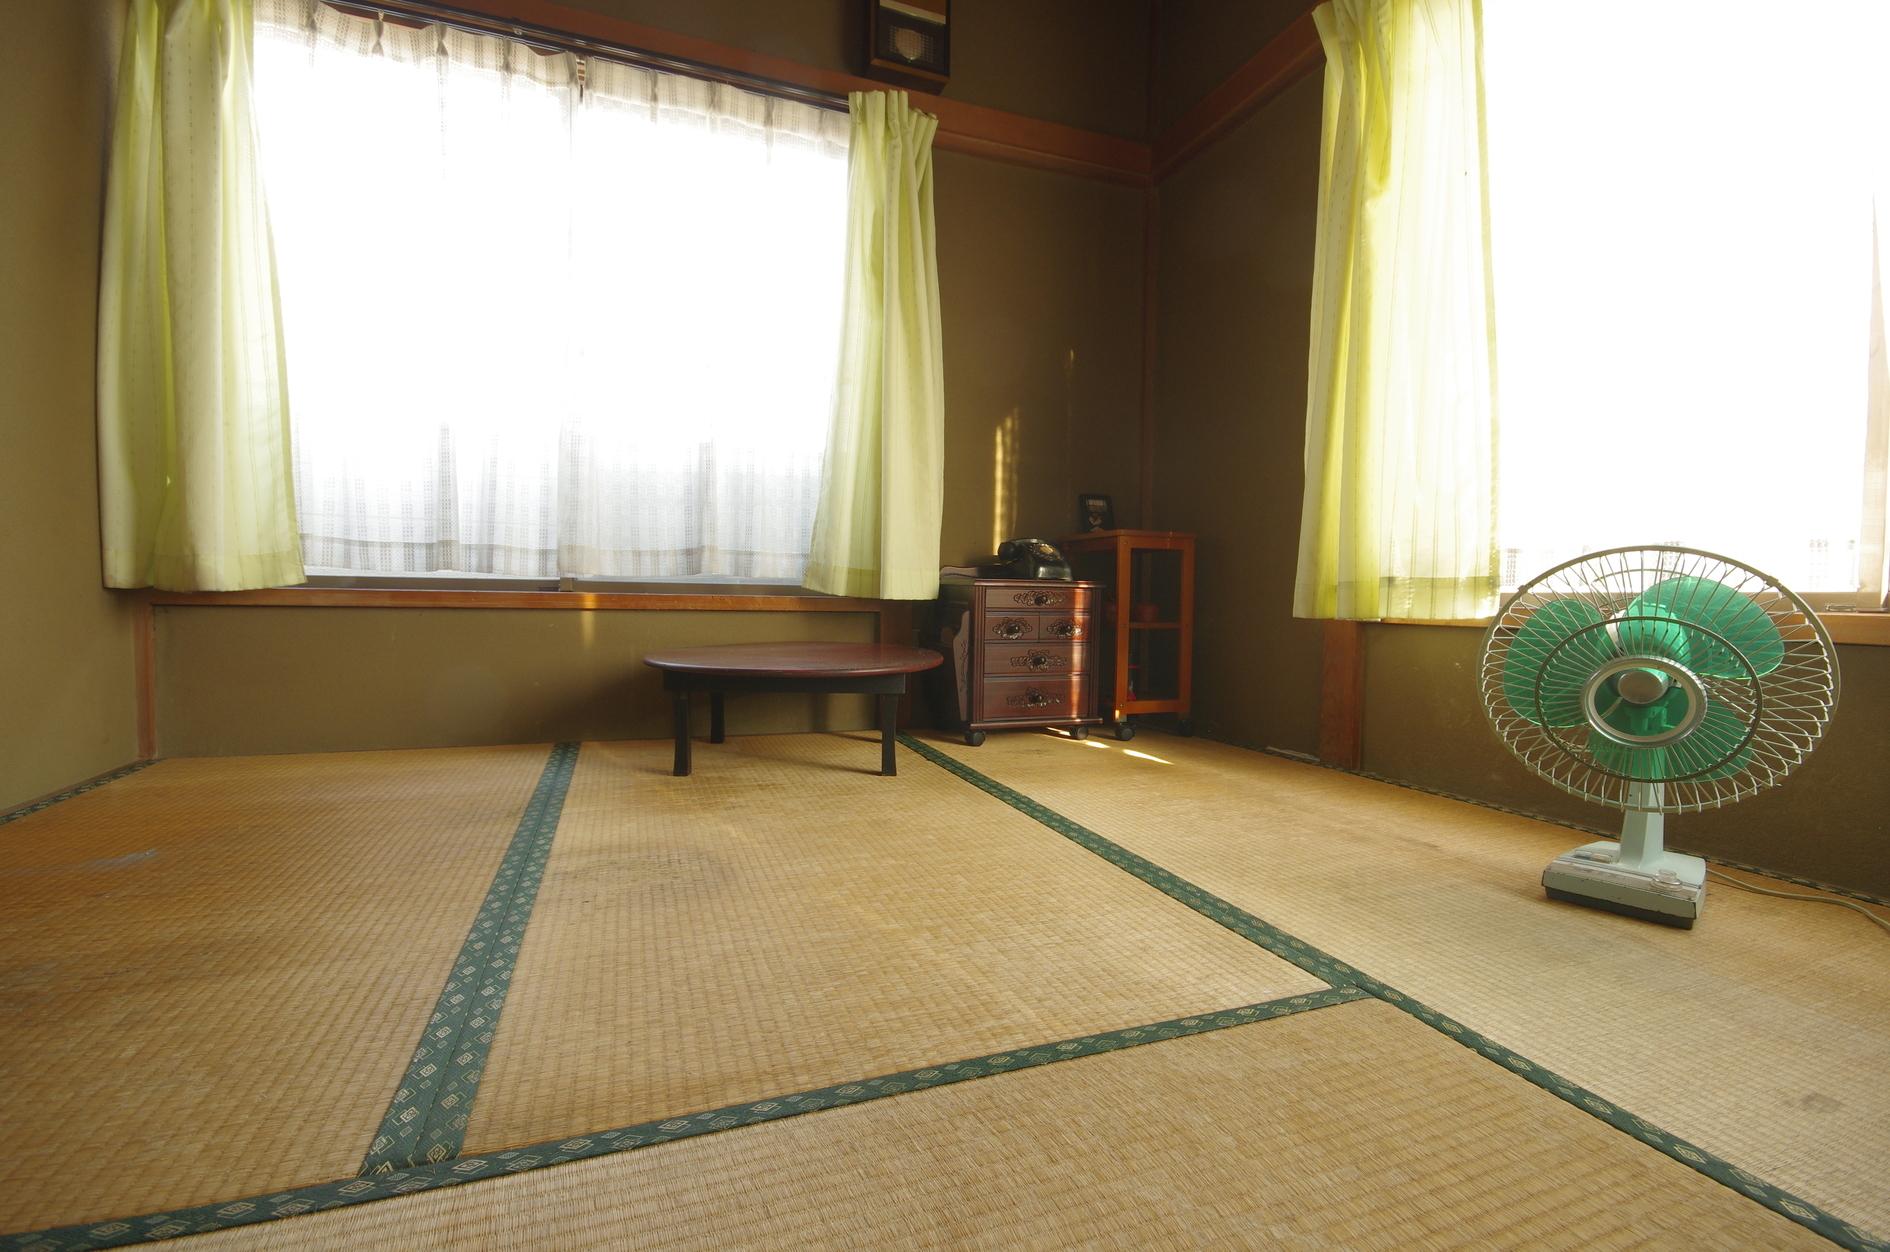 新宿駅より50分 昭和な雰囲気のある廃墟系スタジオ 方丈の庵(方丈の庵) の写真0